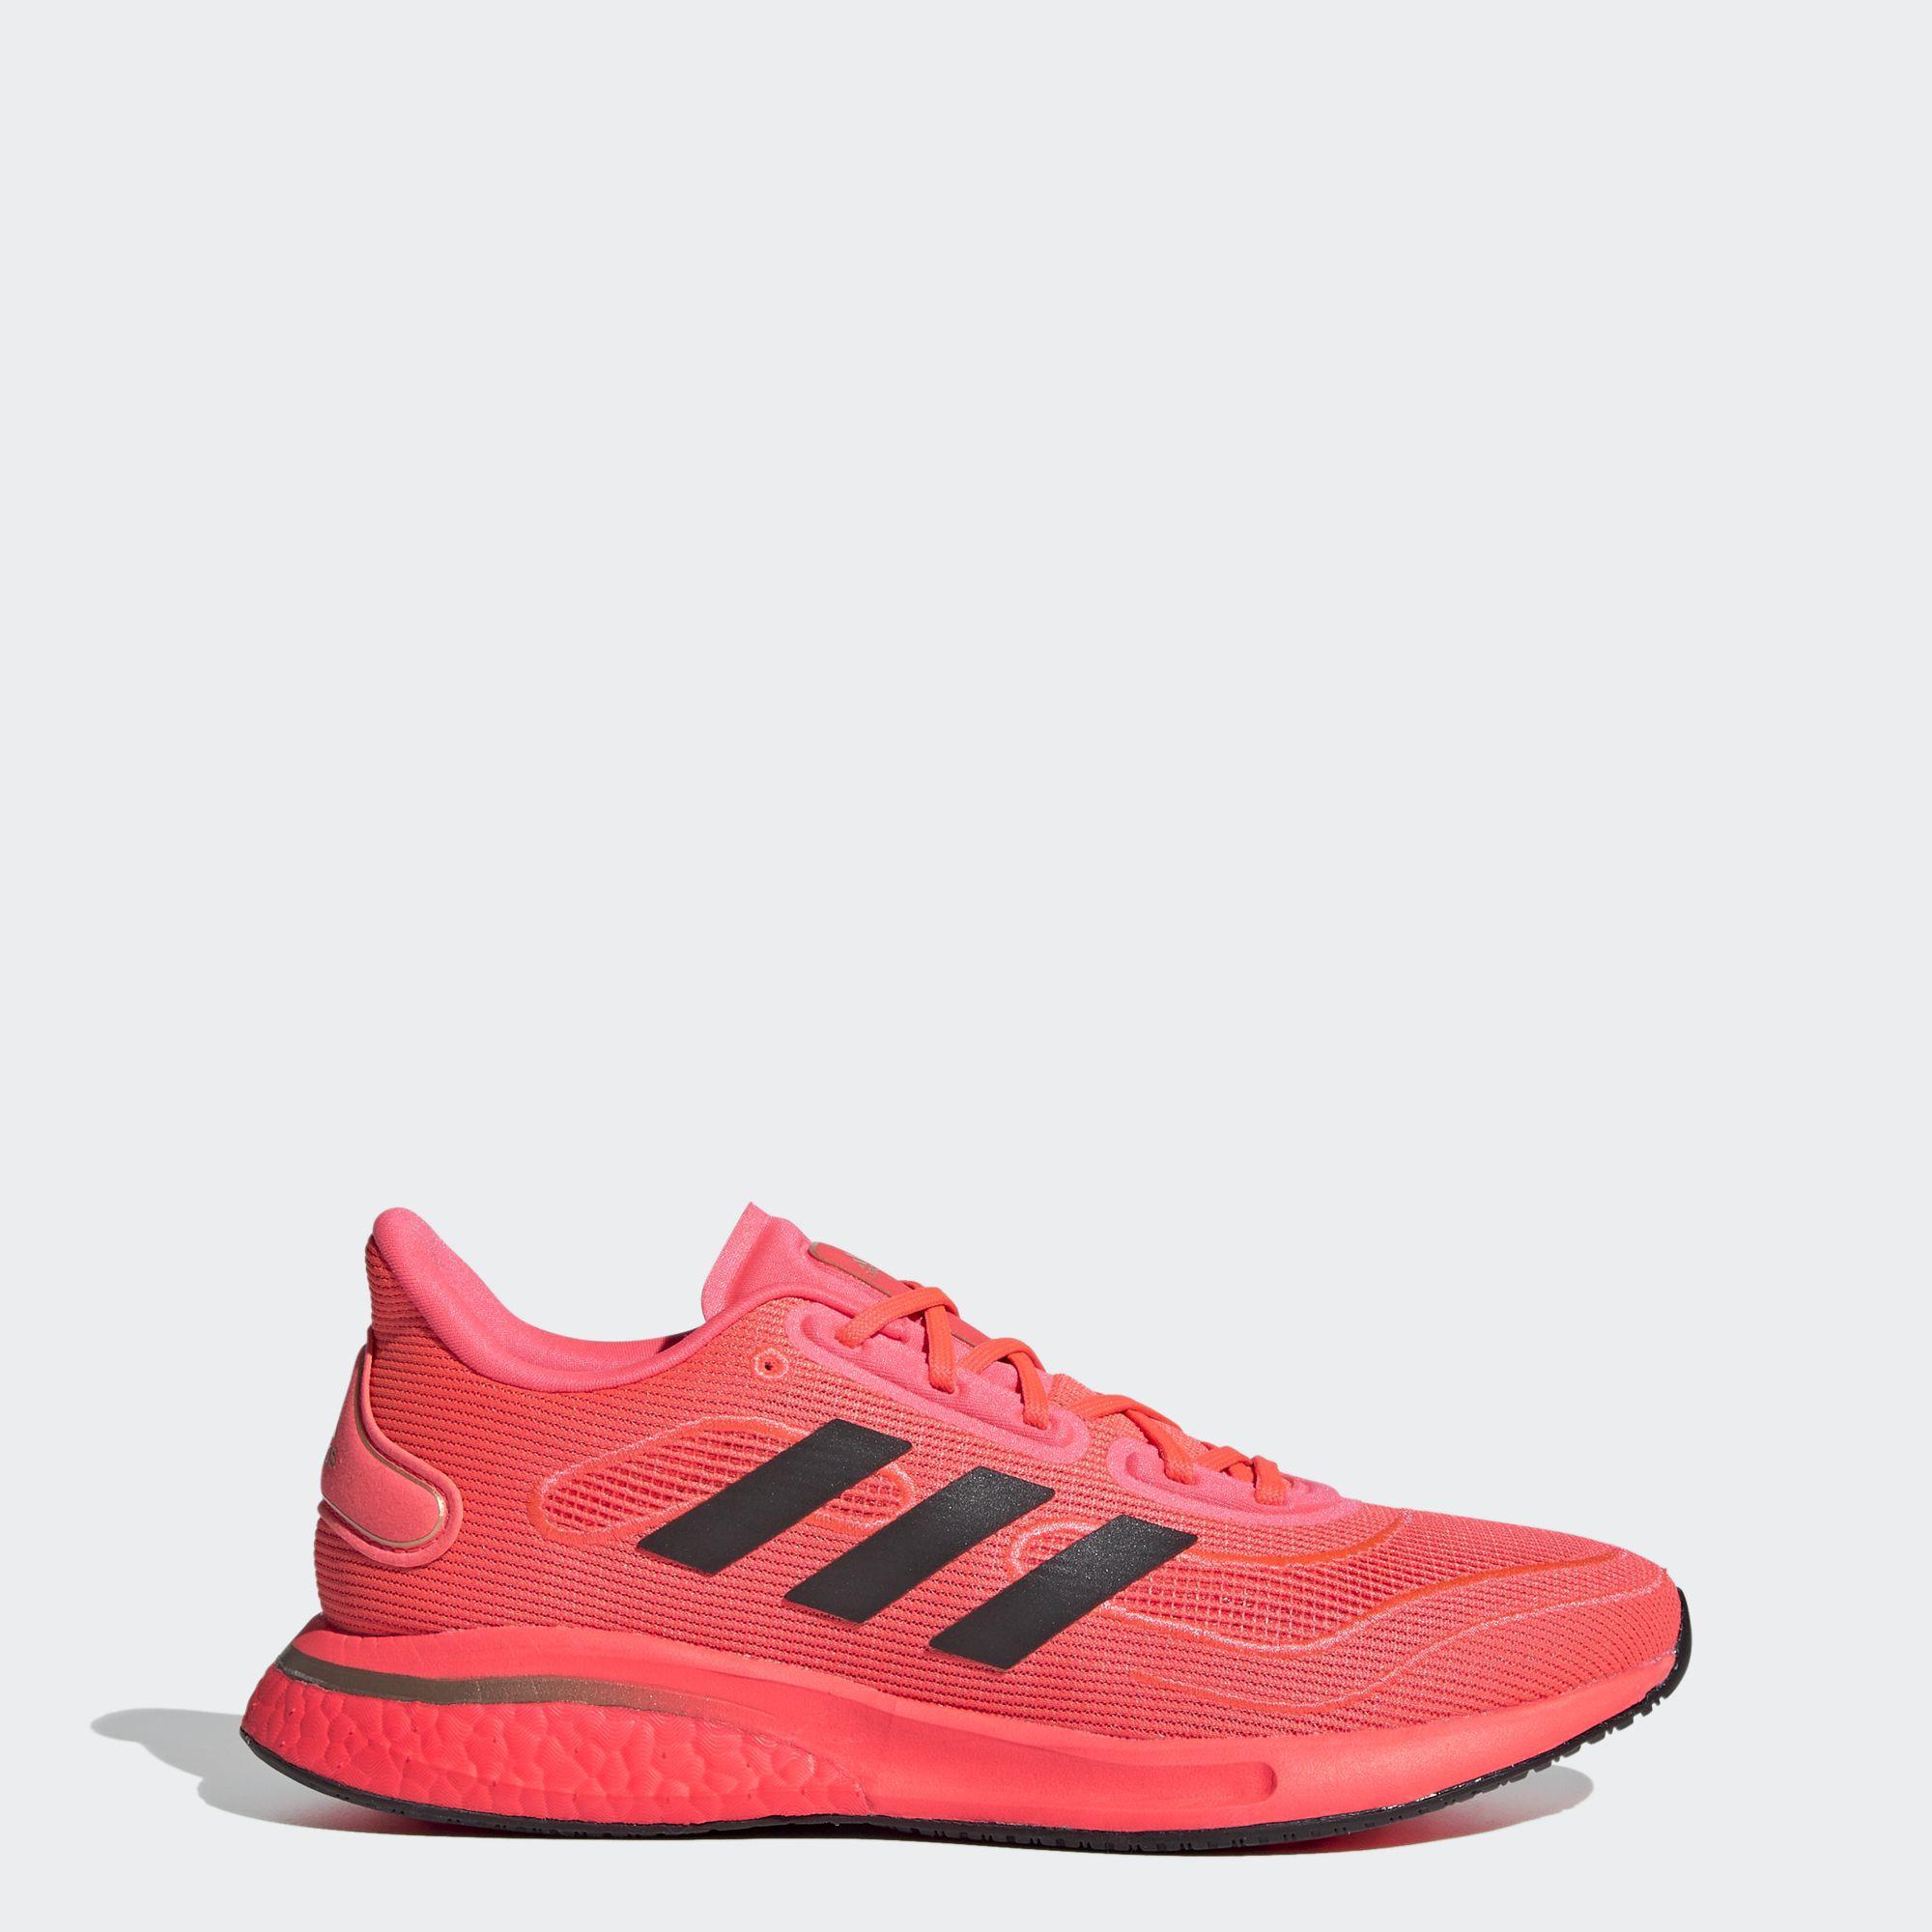 Giày Chạy bộ adidas RUNNING Nữ F